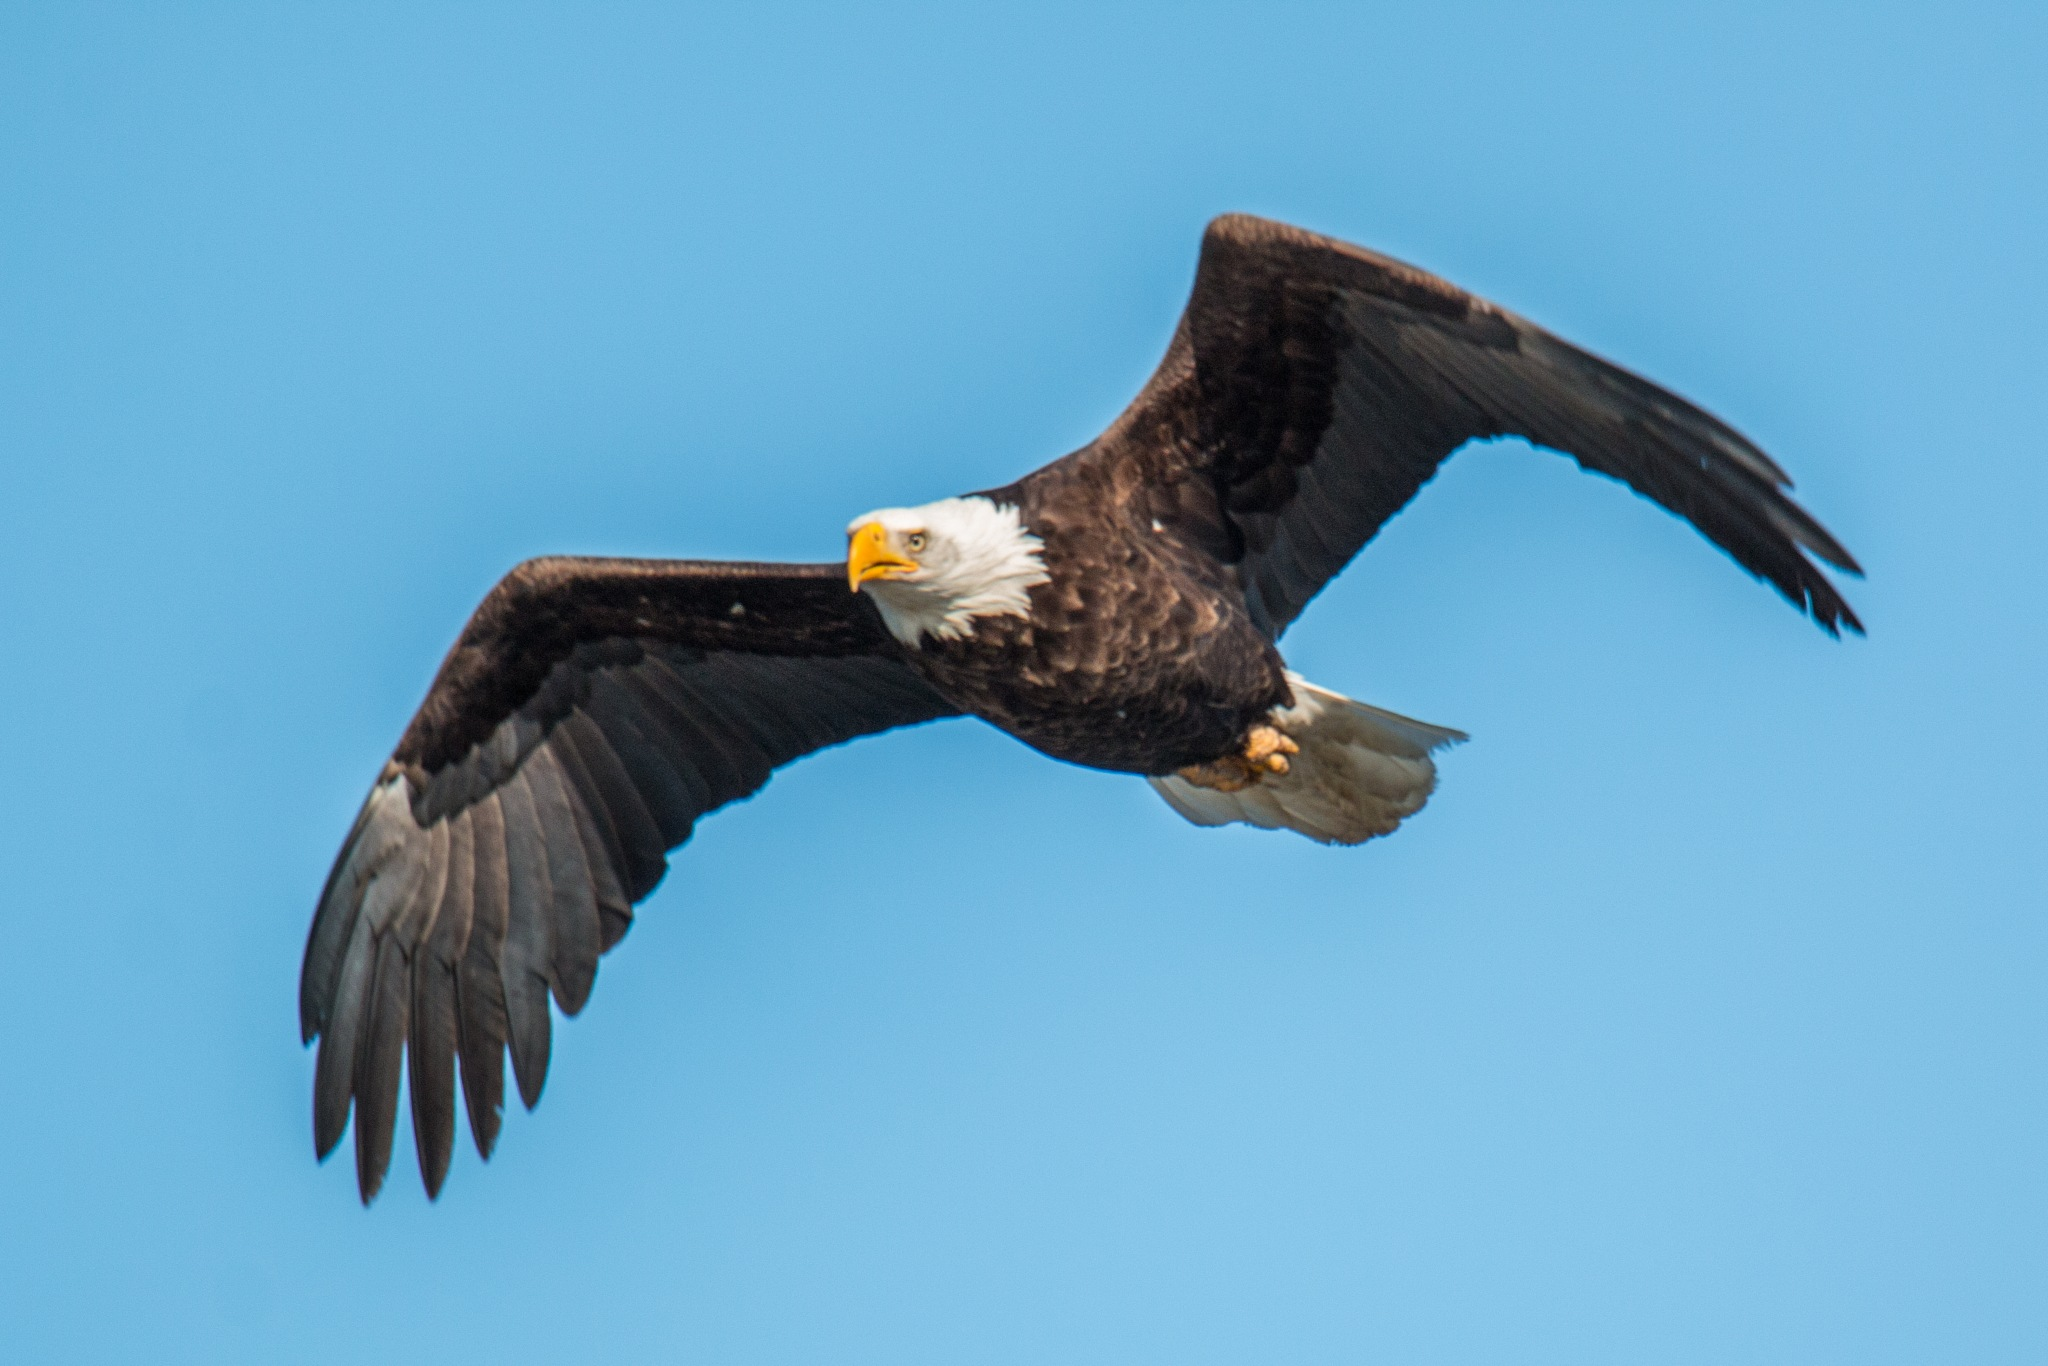 Eagle by Werner R. Ennesser